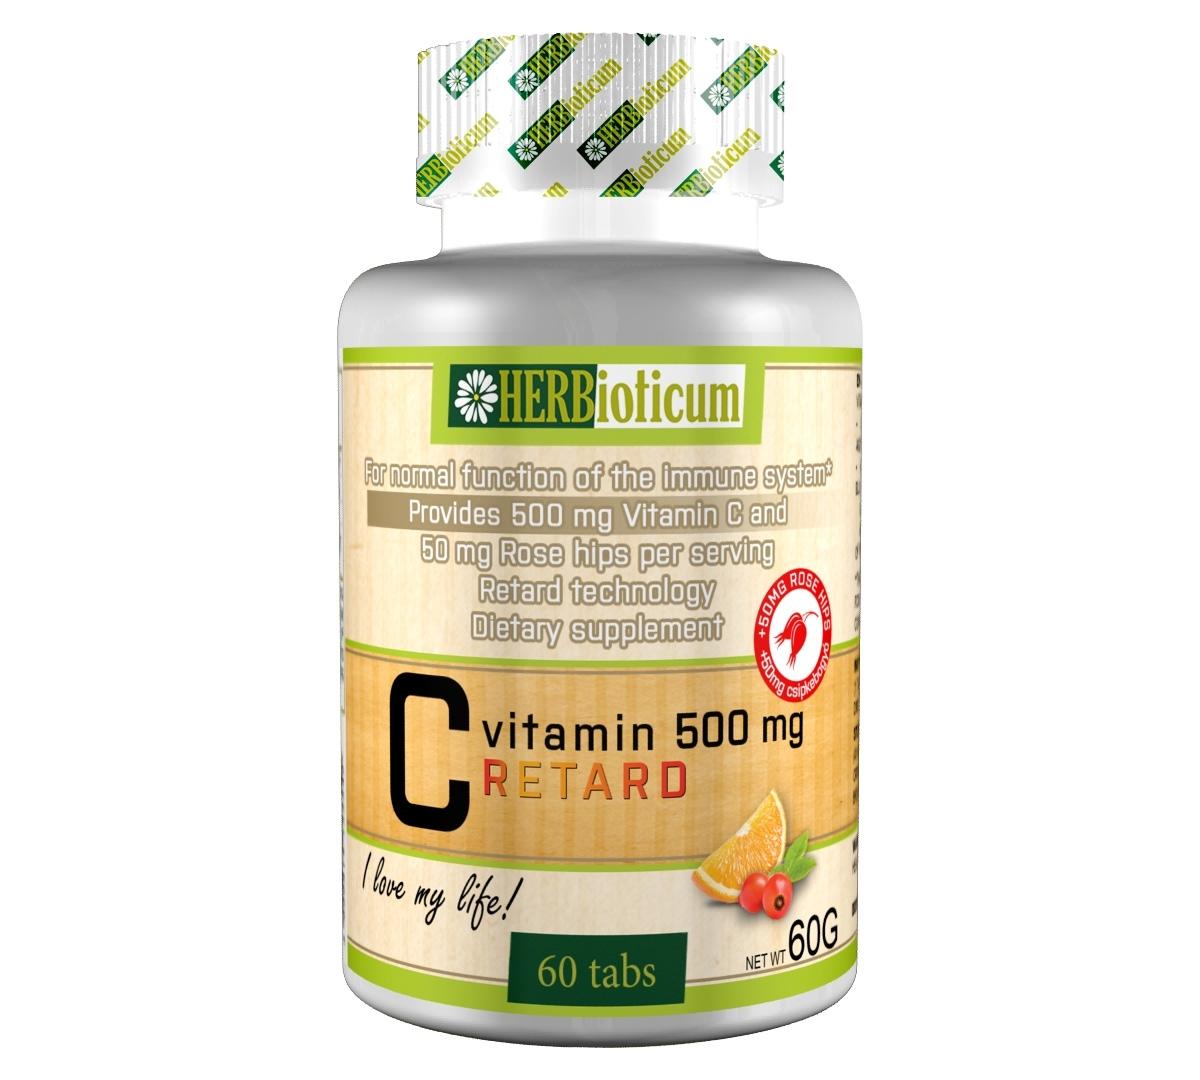 C-VITAMIN 500 mg RETARD (60 таблетки)